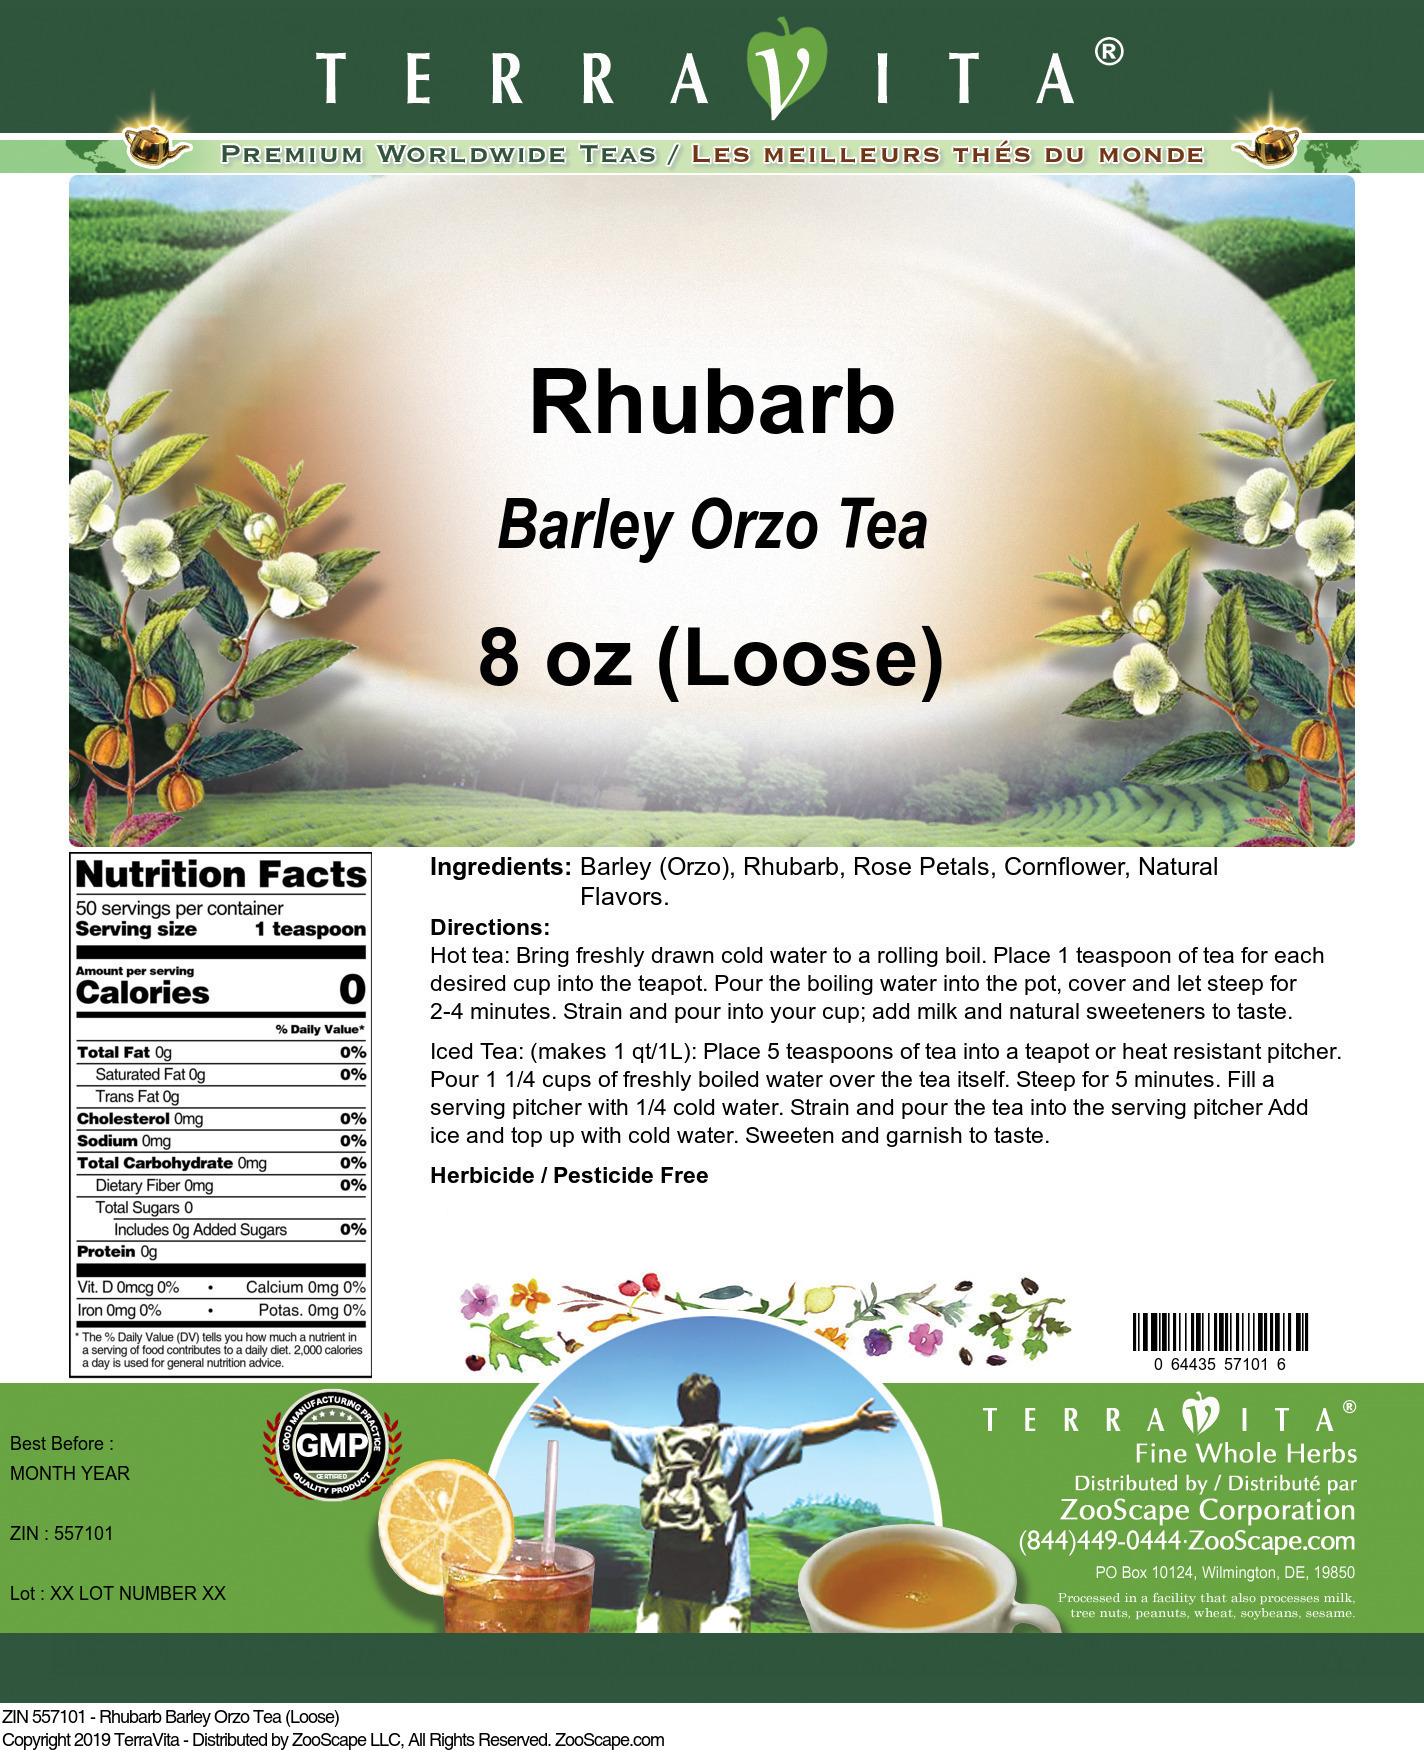 Rhubarb Barley Orzo Tea (Loose)